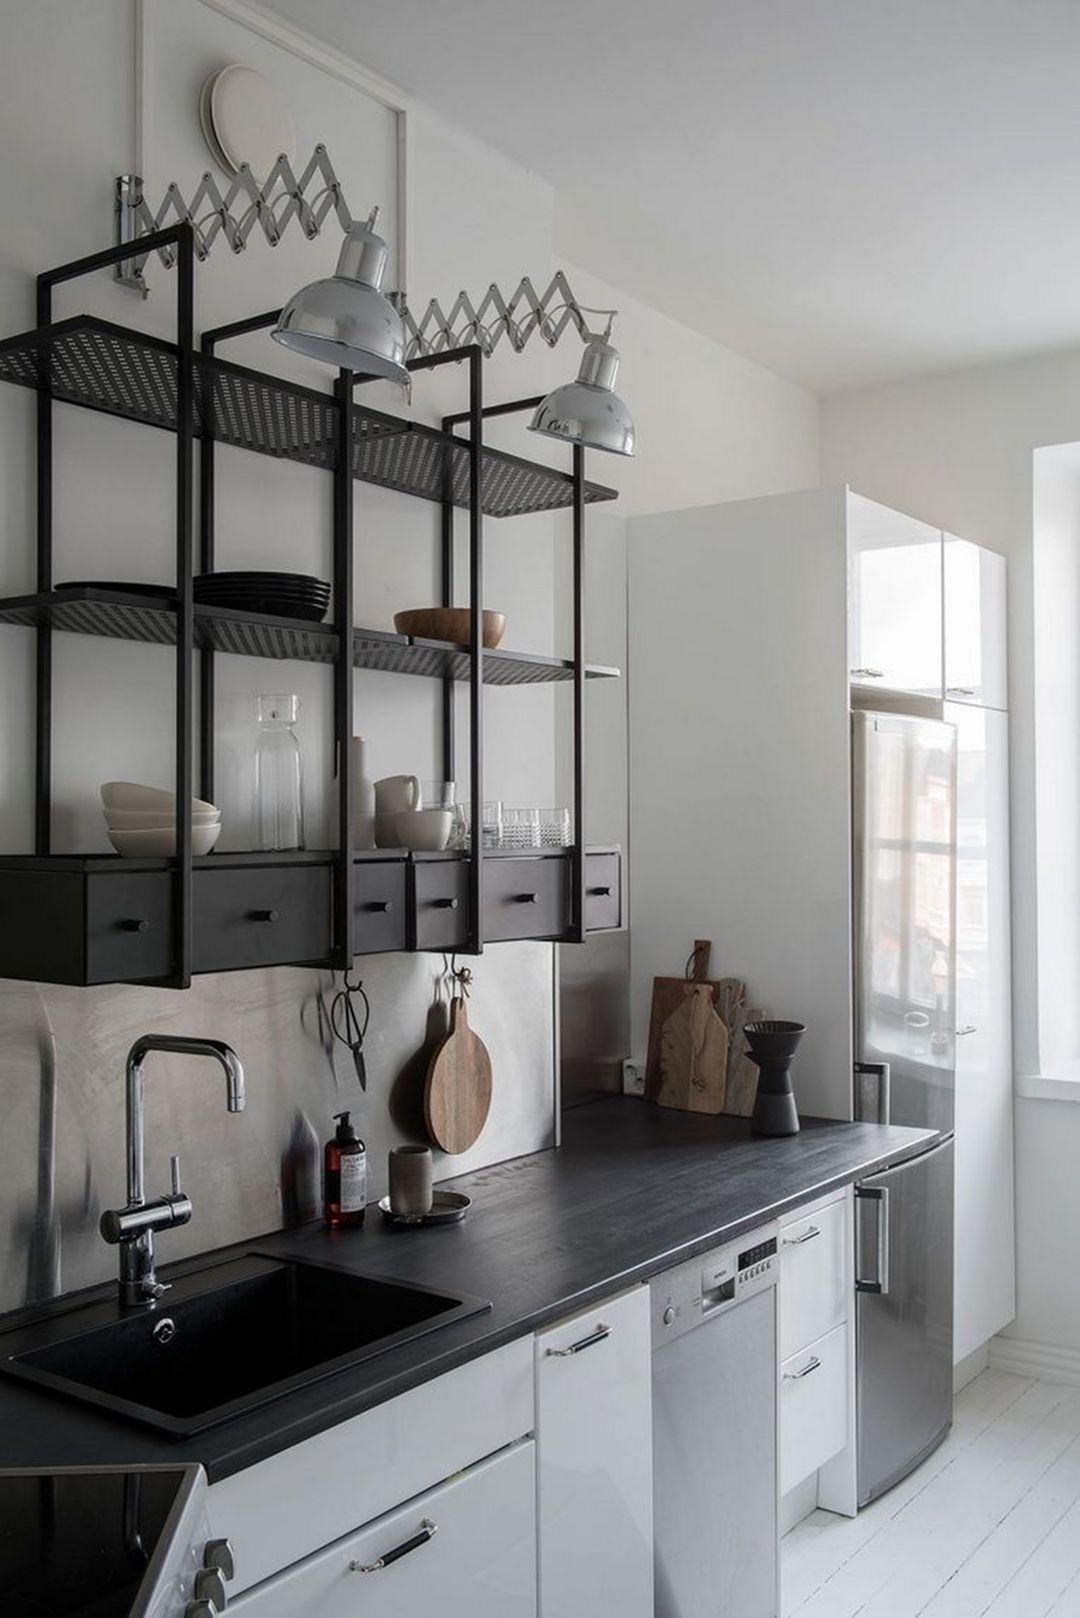 15 Wonderful Industrial Kitchen Shelf Design Ideas To Organize